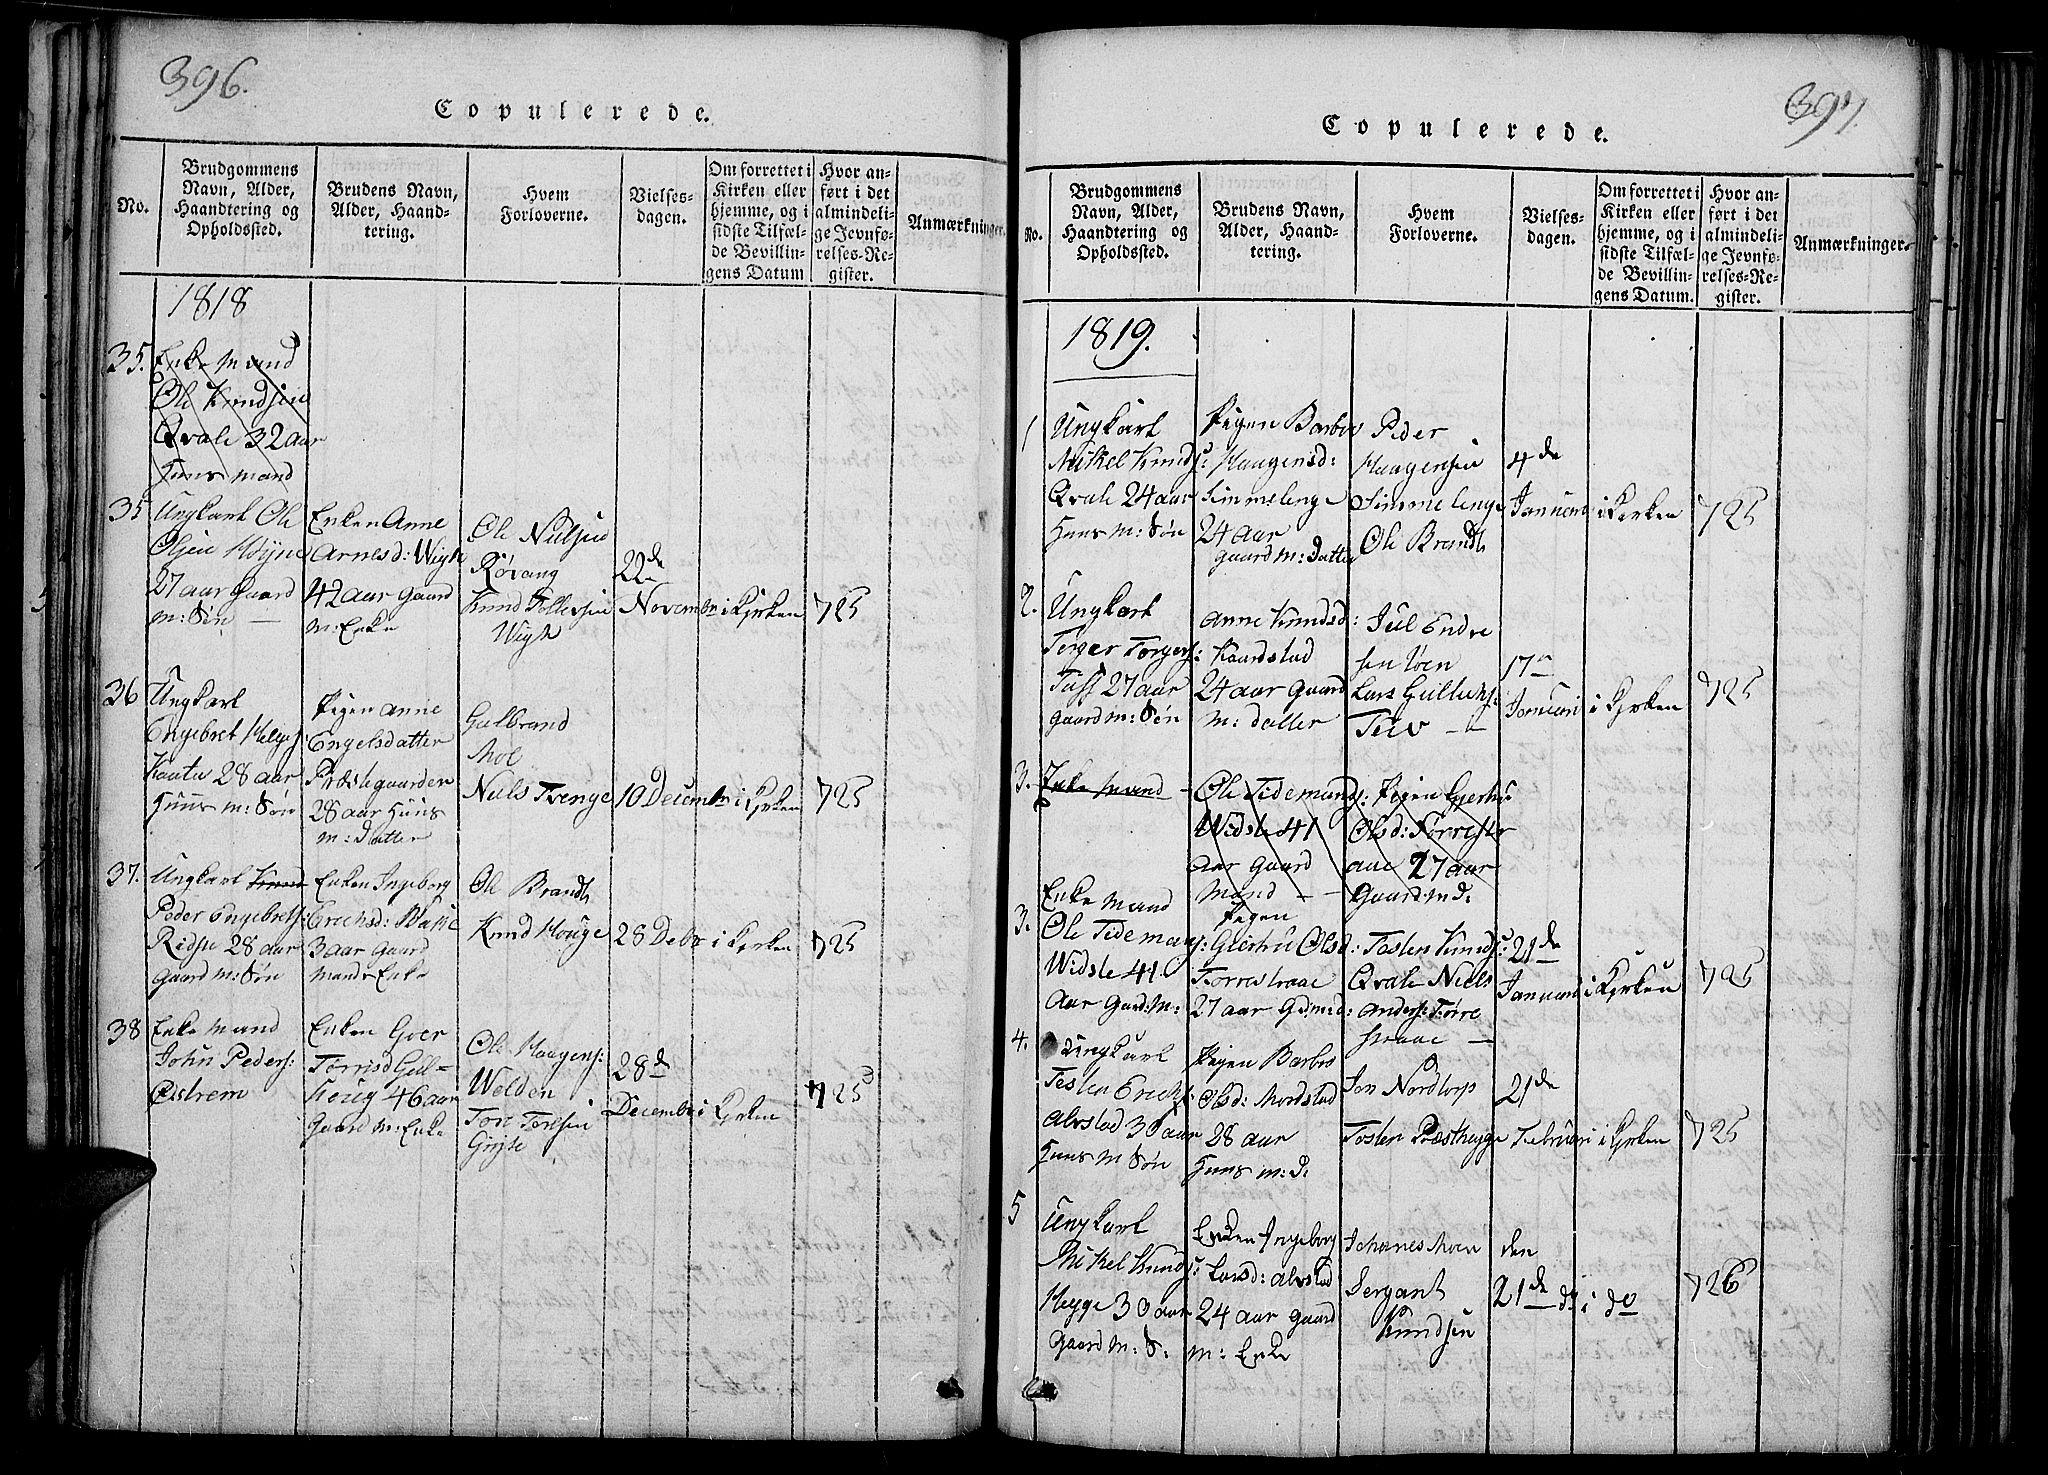 SAH, Slidre prestekontor, Ministerialbok nr. 2, 1814-1830, s. 396-397